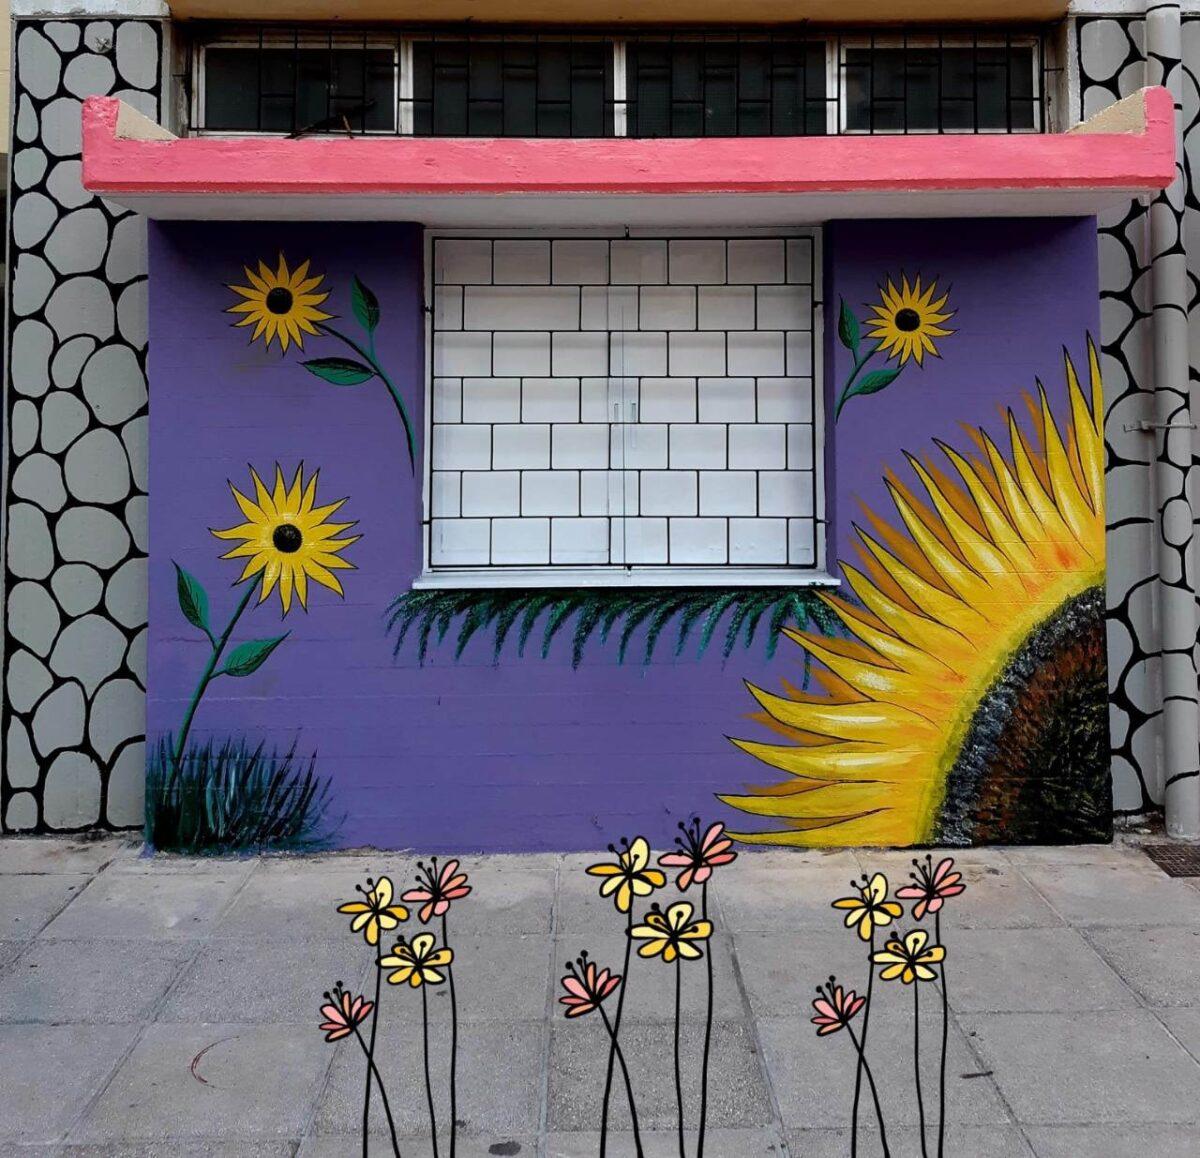 Το 14ο Δημοτικό Σχολείο Πειραιά υποδέχεται τους μαθητές με χρώματα και υπέροχες τοιχογραφίες